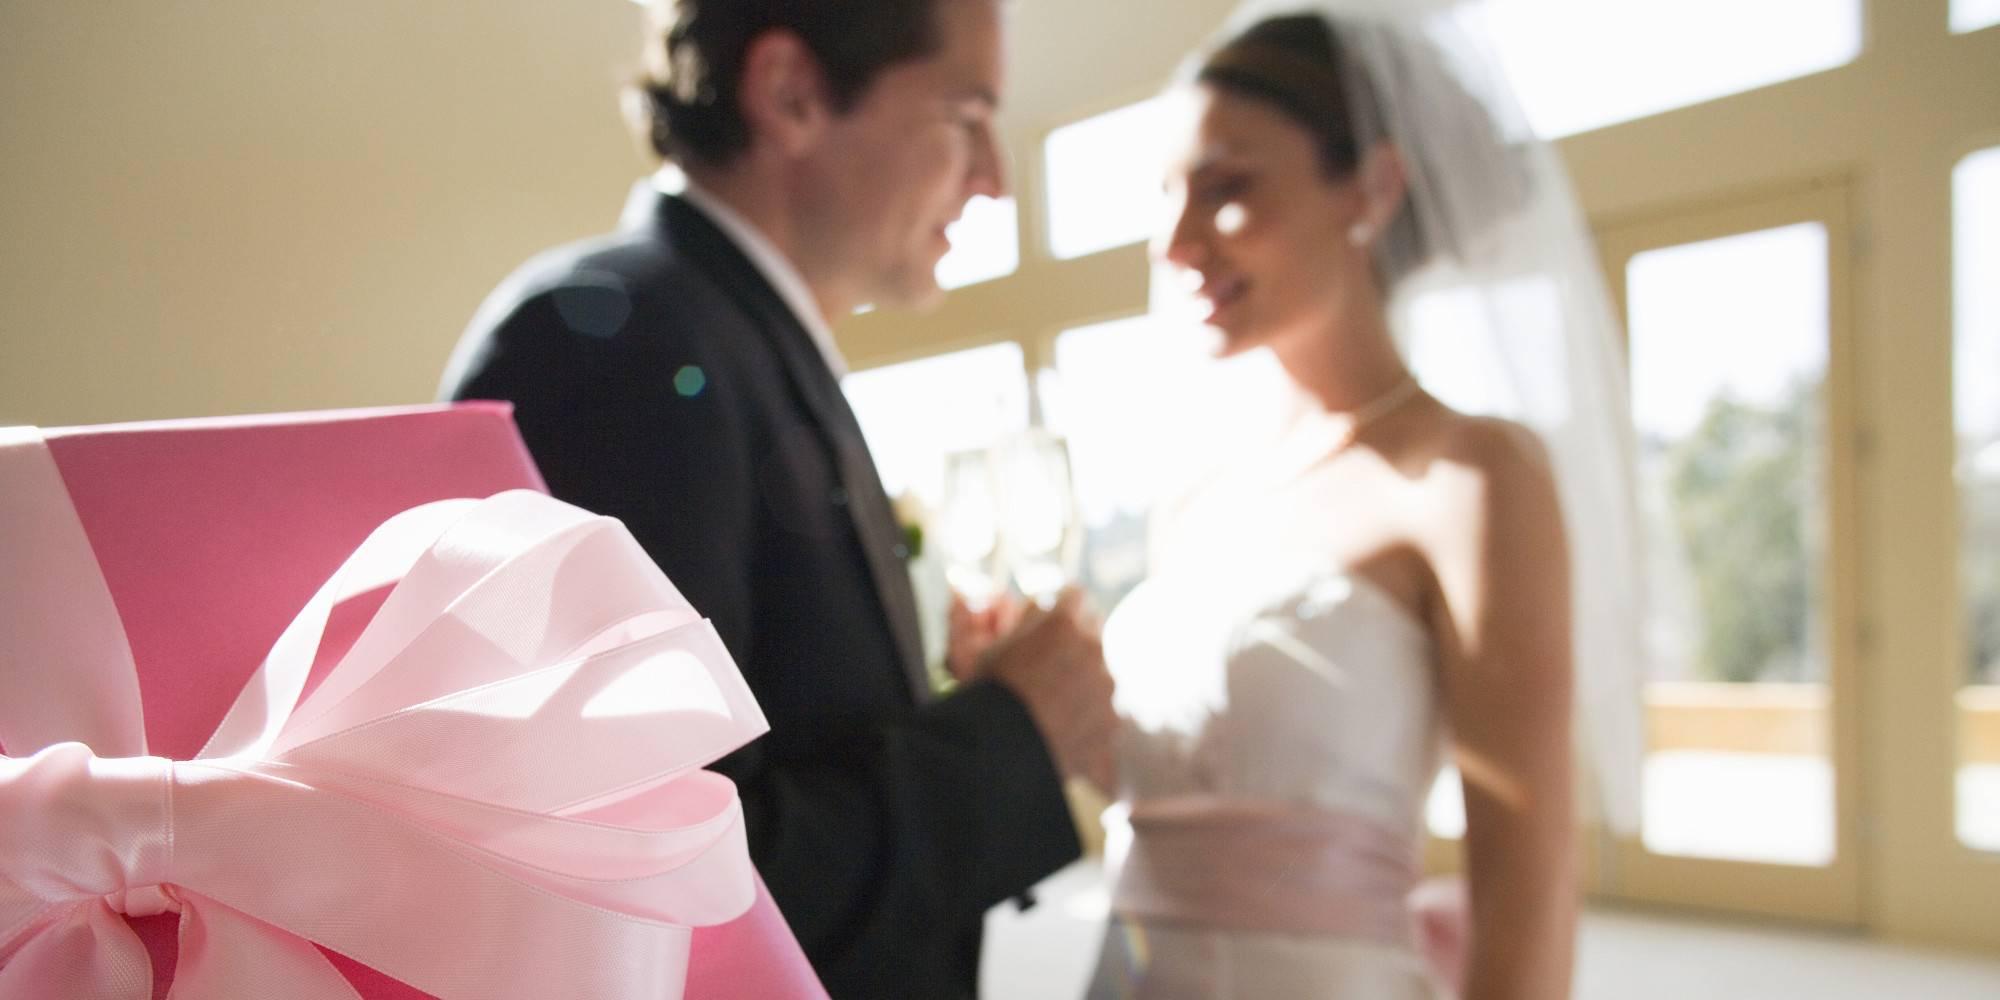 Подарок жениху от невесты — традиционная романтика или приятная неожиданность?